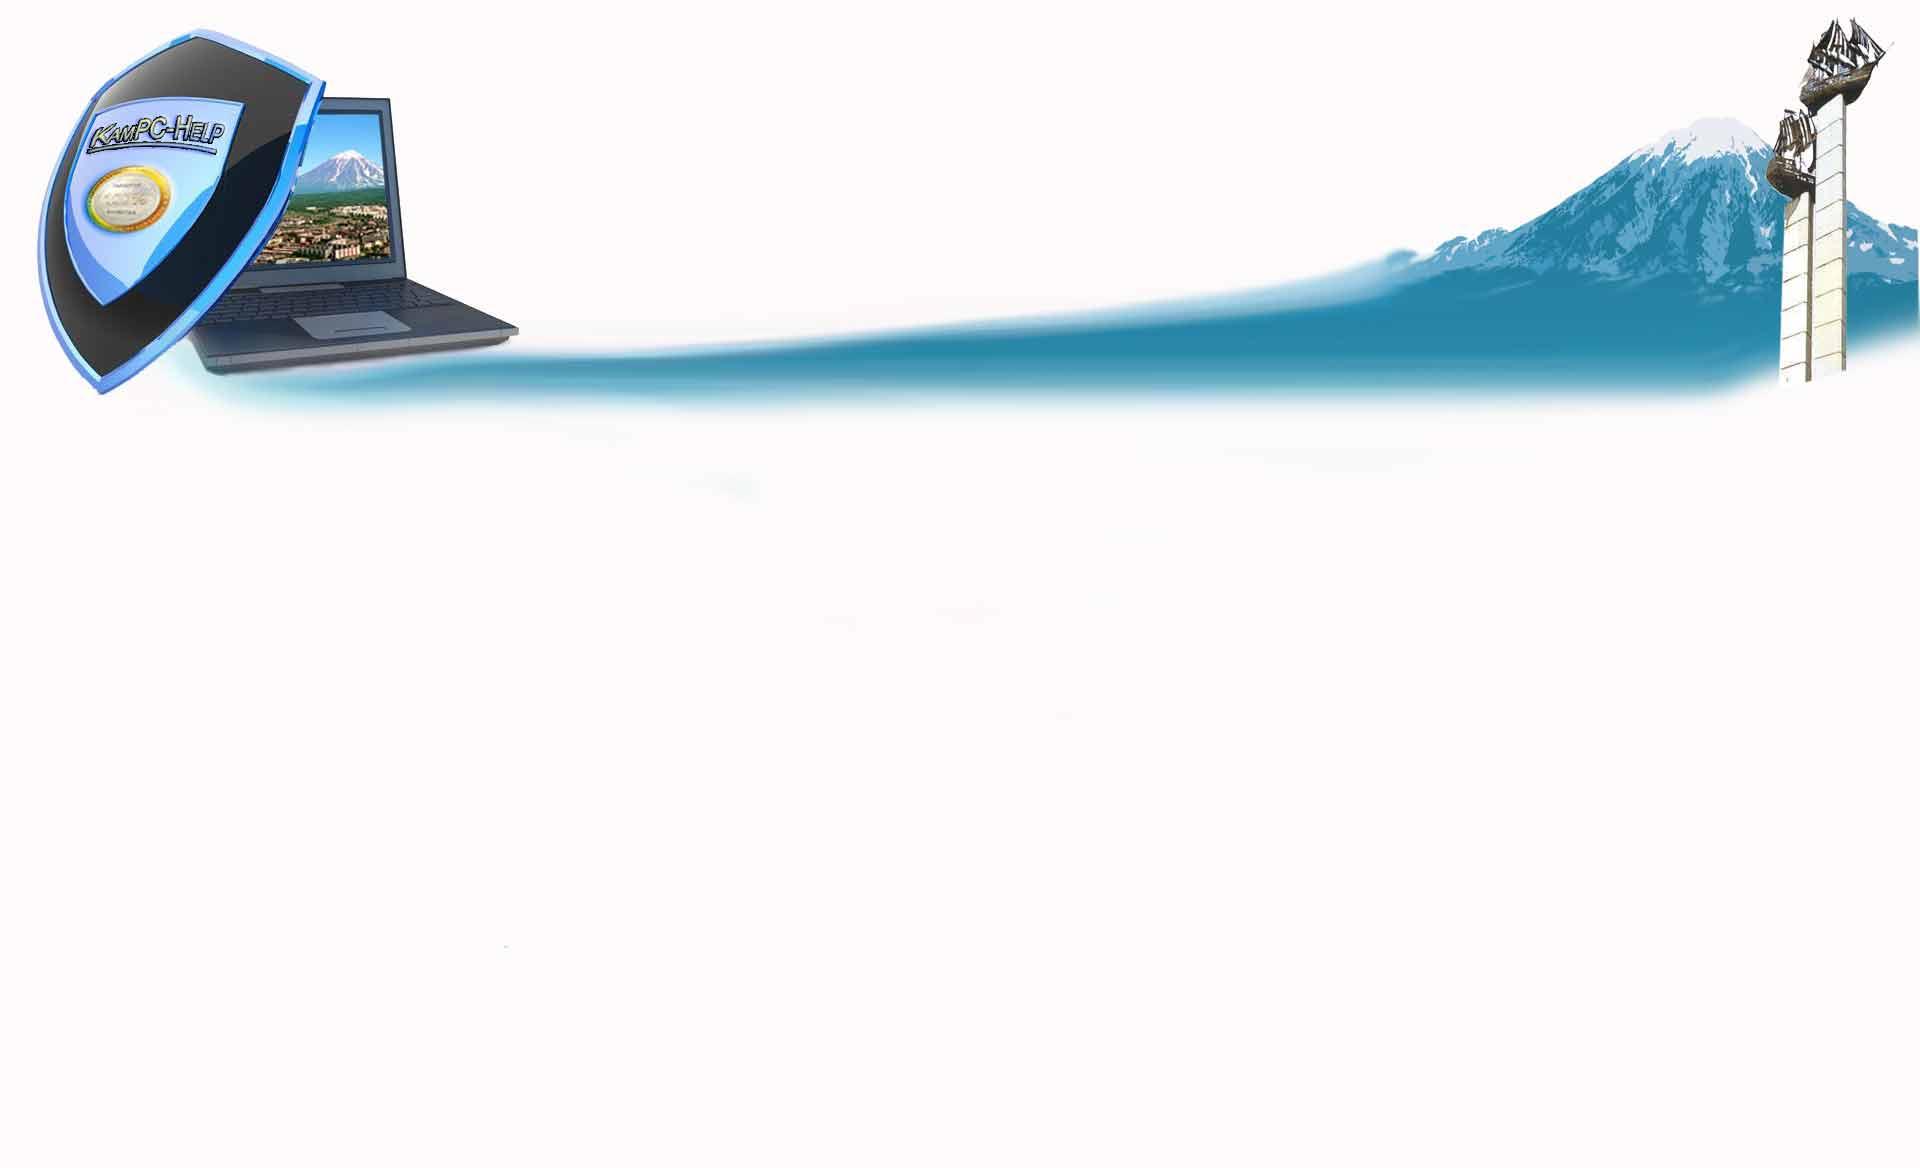 компьютеры ремонт восстановить файлы удаленная компьютерная помощь